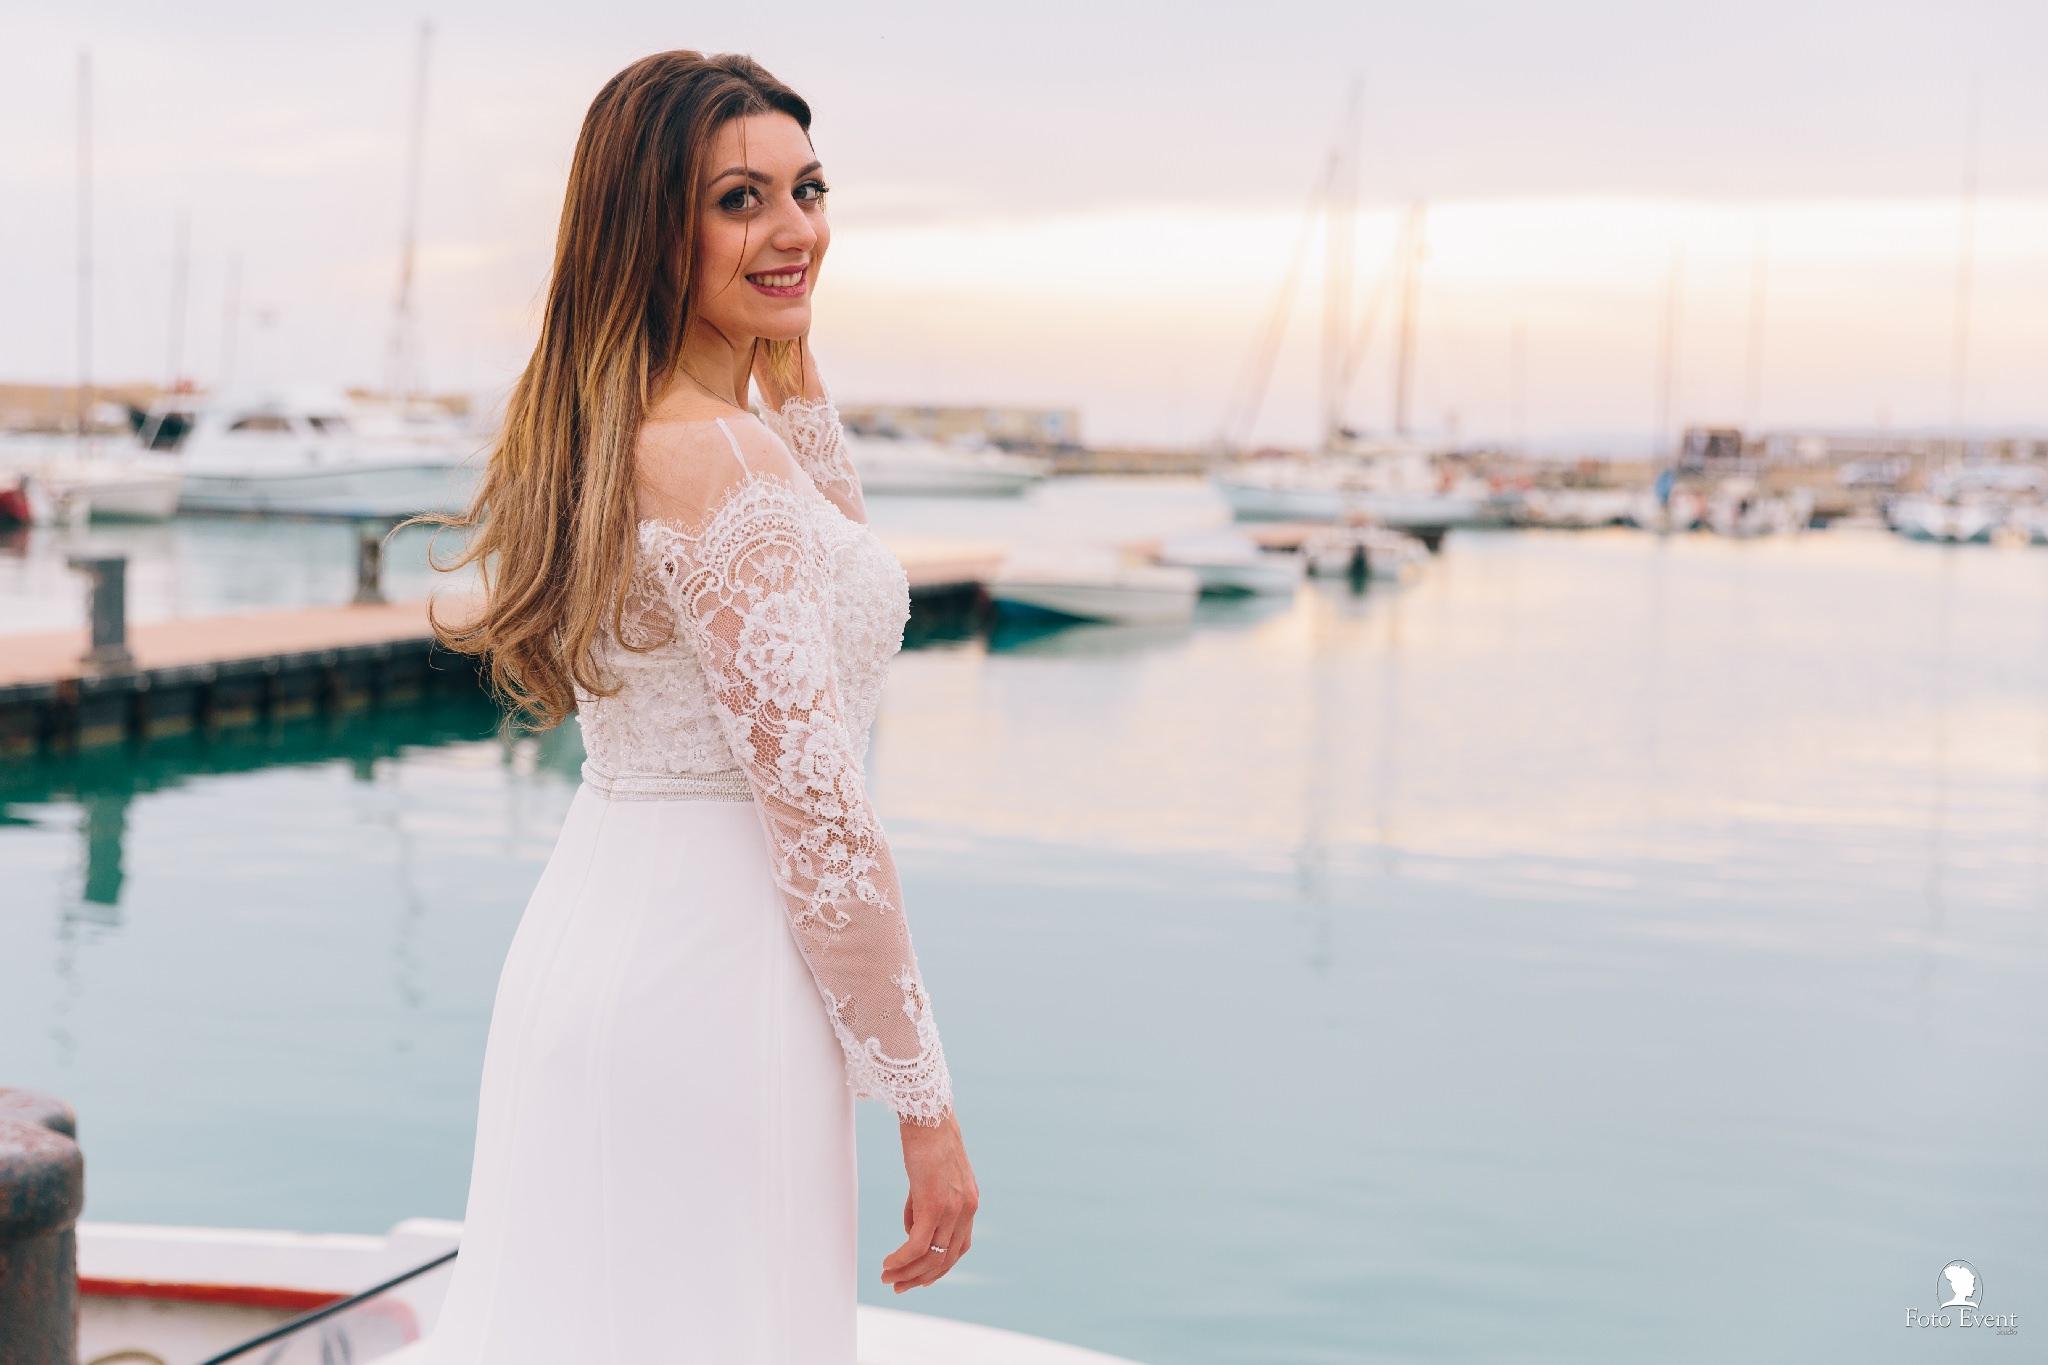 564-2019-05-09-Matrimonio-Maria-Concetta-e-Daniel-Gebbia-5DE-1203